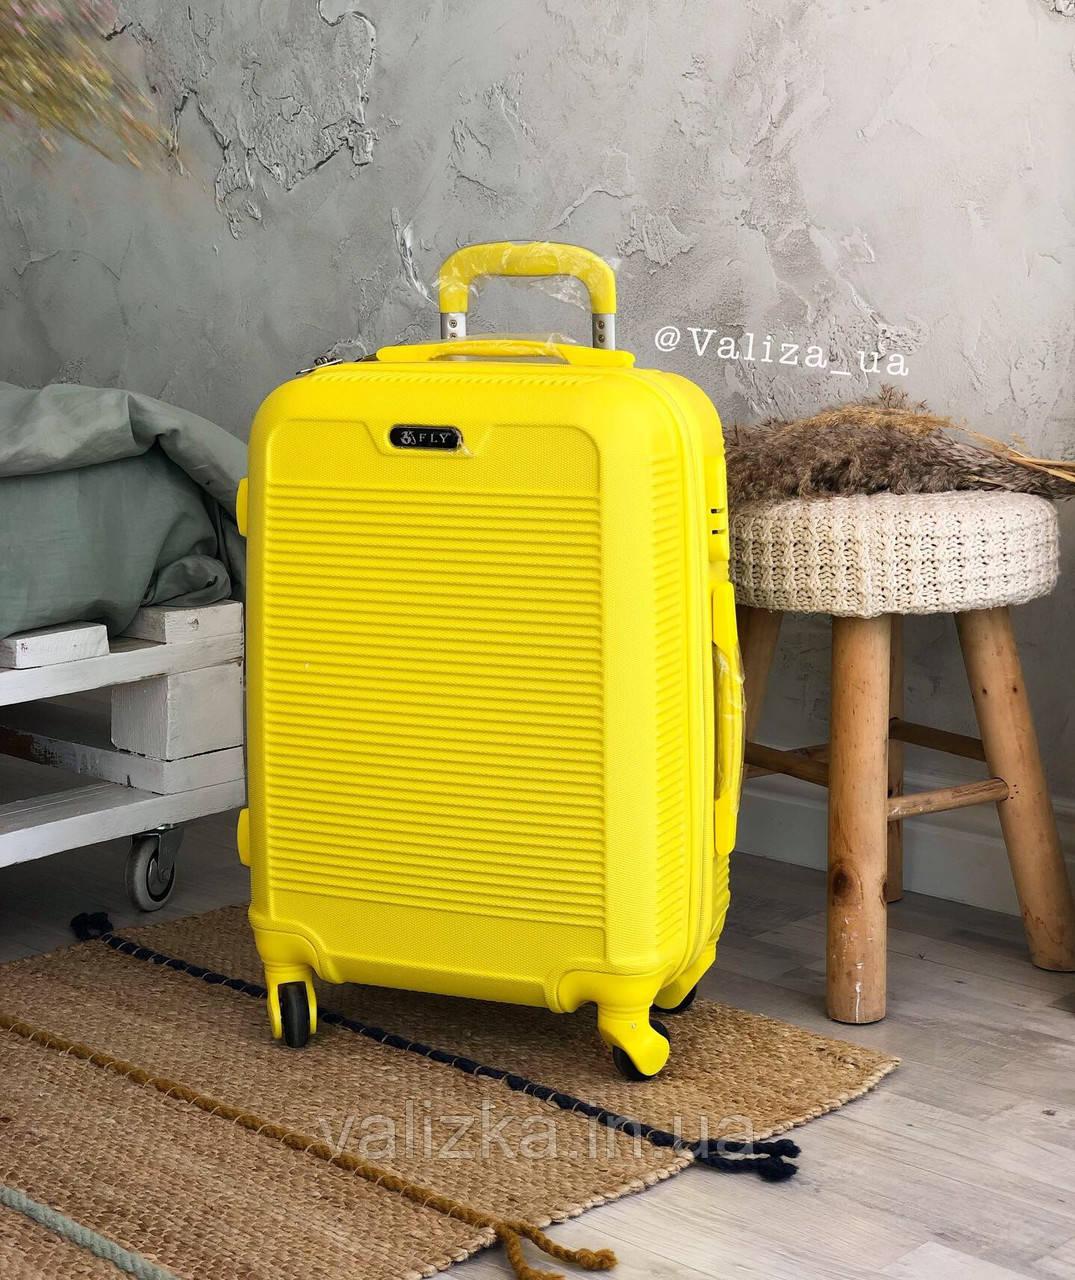 Малый пластиковый чемодан для ручной клади на 4-х колесах желтый  / Мала пластикова валіза ручна поклажа